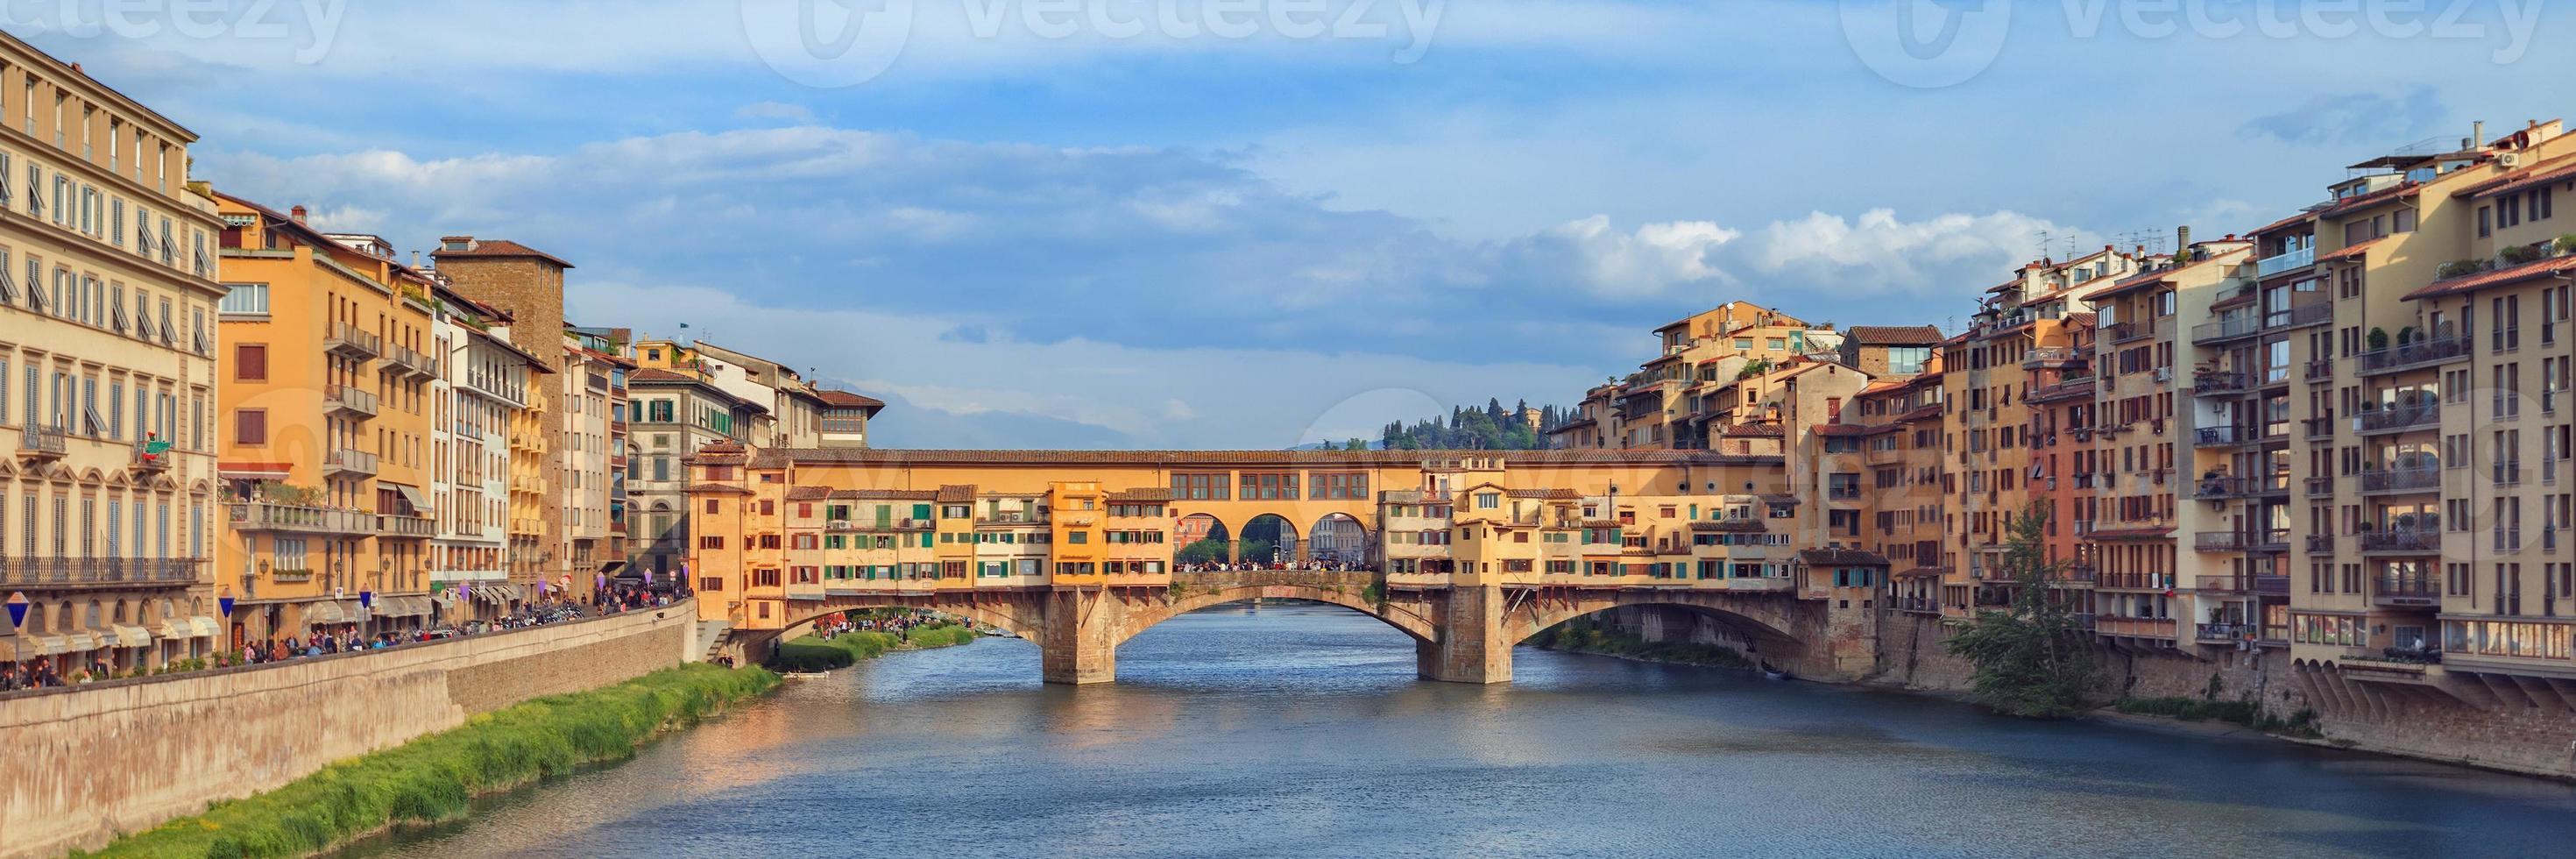 Famoso puente Ponte Vecchio, Florencia, Italia. foto